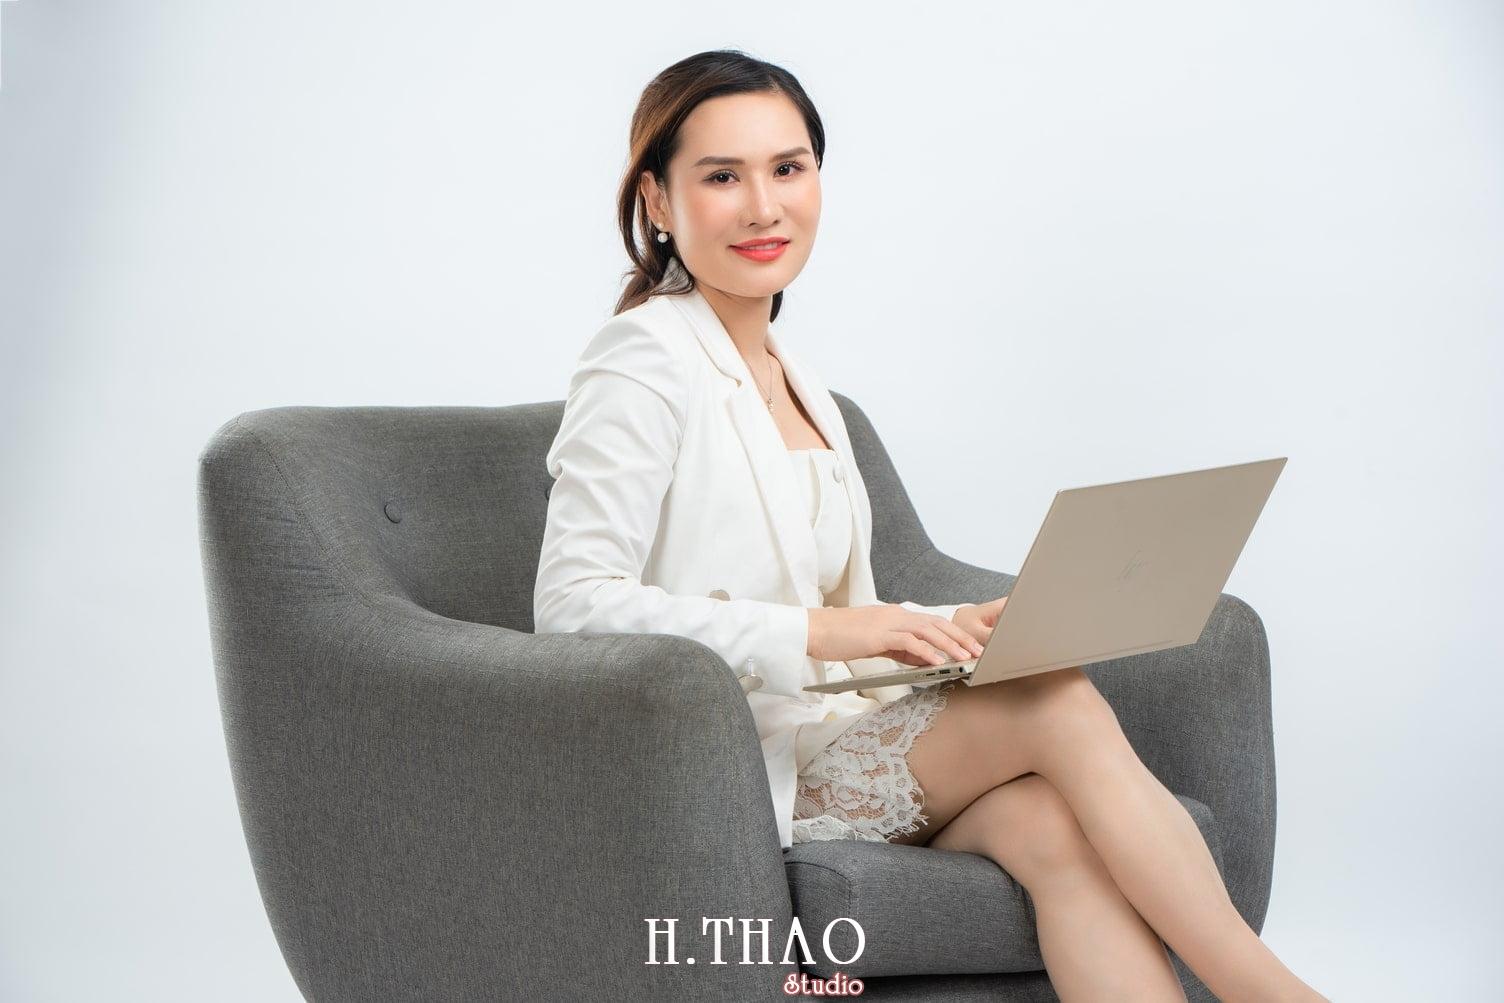 Doanh nhan nu 12 - Ảnh nữ doanh nhân bất động sản, phó TGĐ Express Ms.Nho – HThao Studio